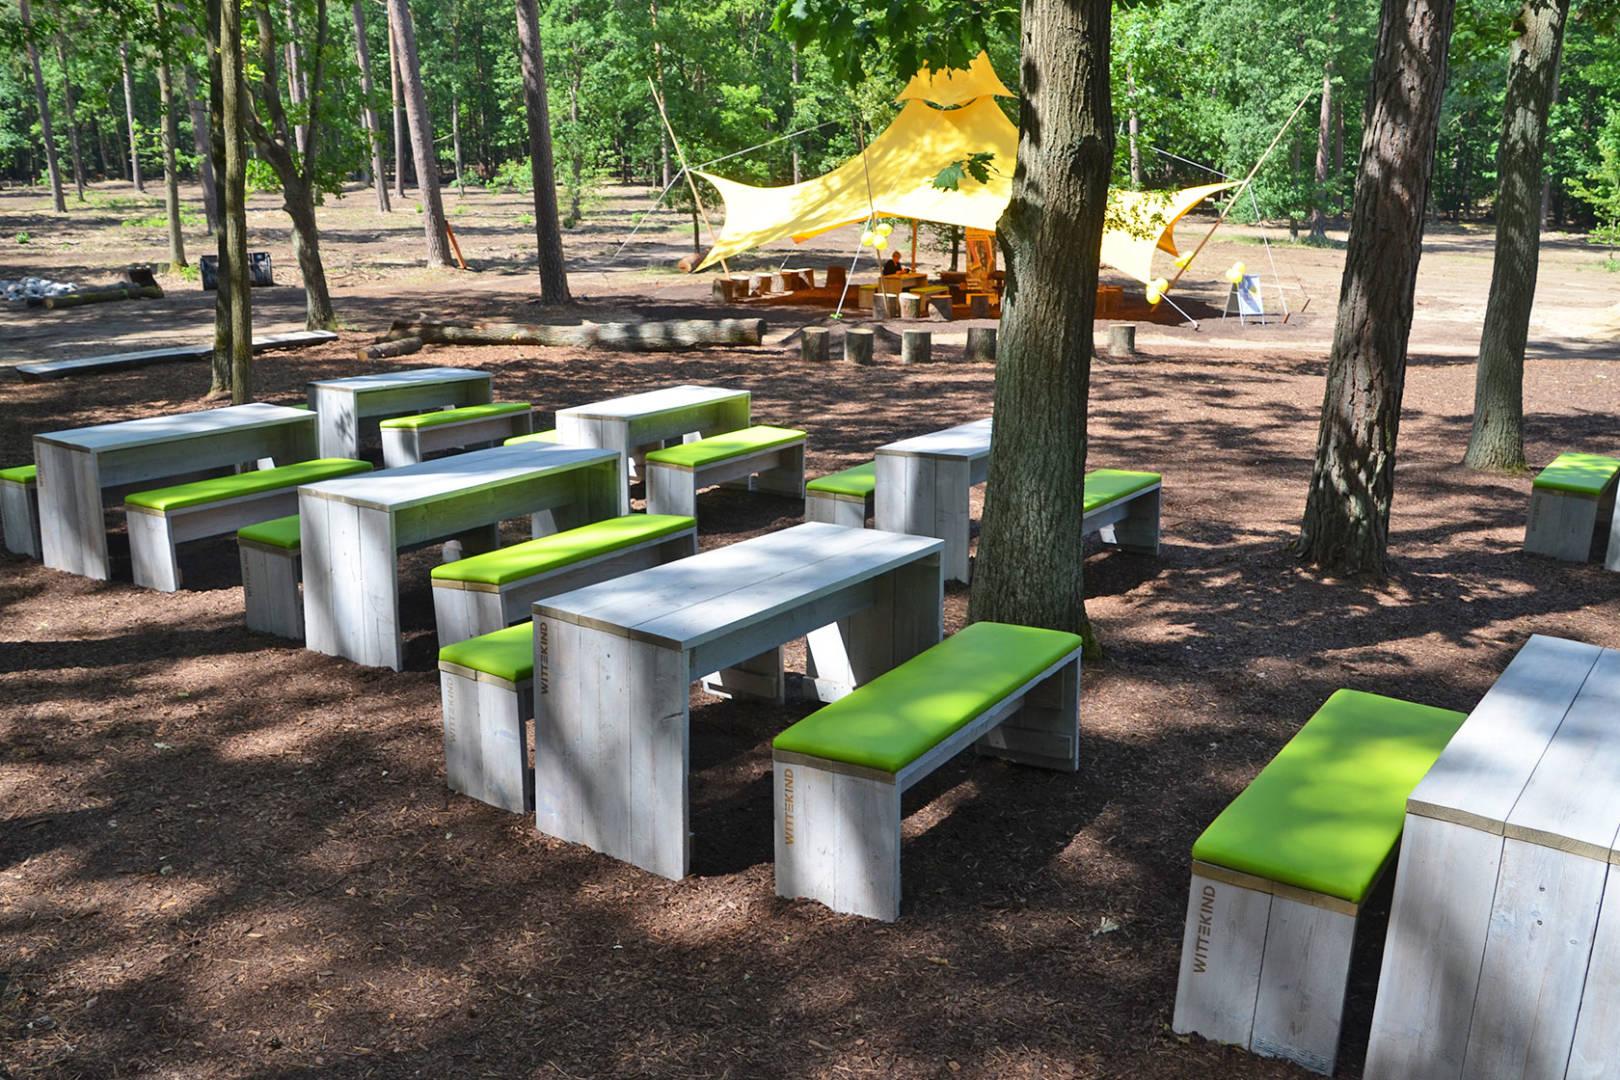 Funktionale Outdoormöbel für Marktplätze und Stadtparks